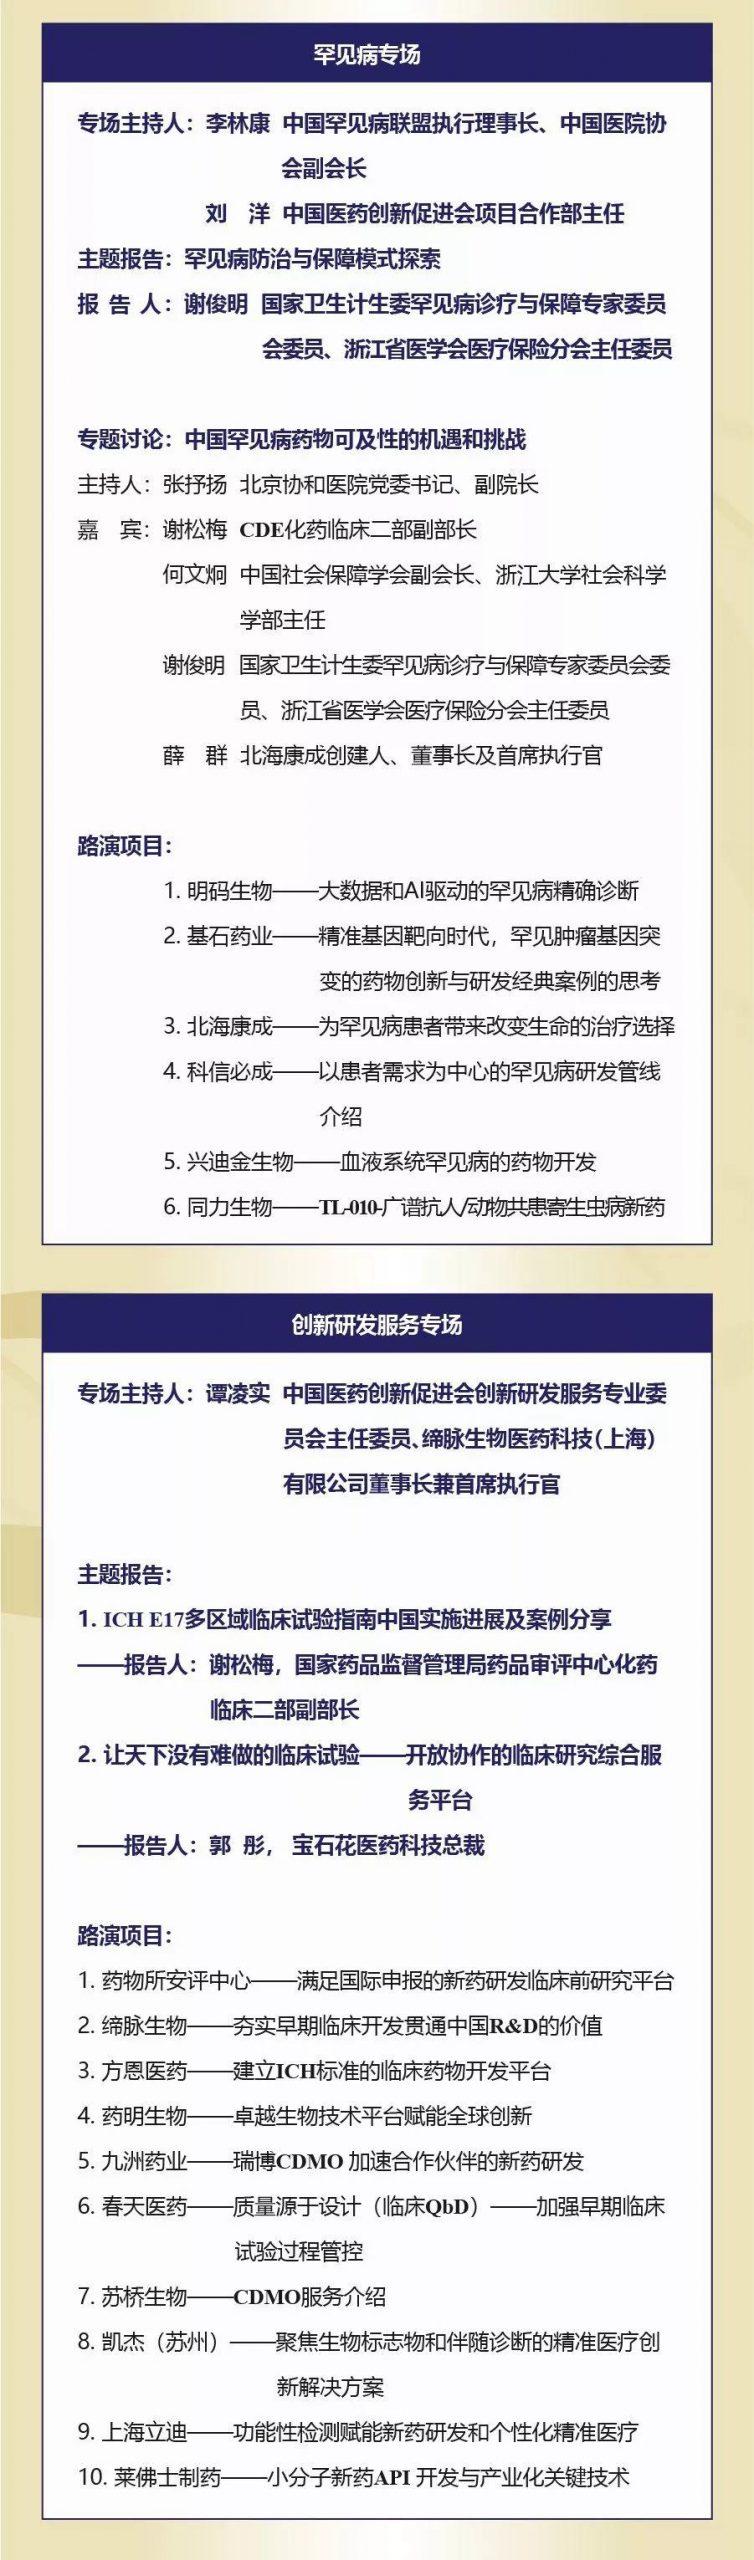 收藏!第四届中国医药创新与投资大会(CBIIC)终版日程